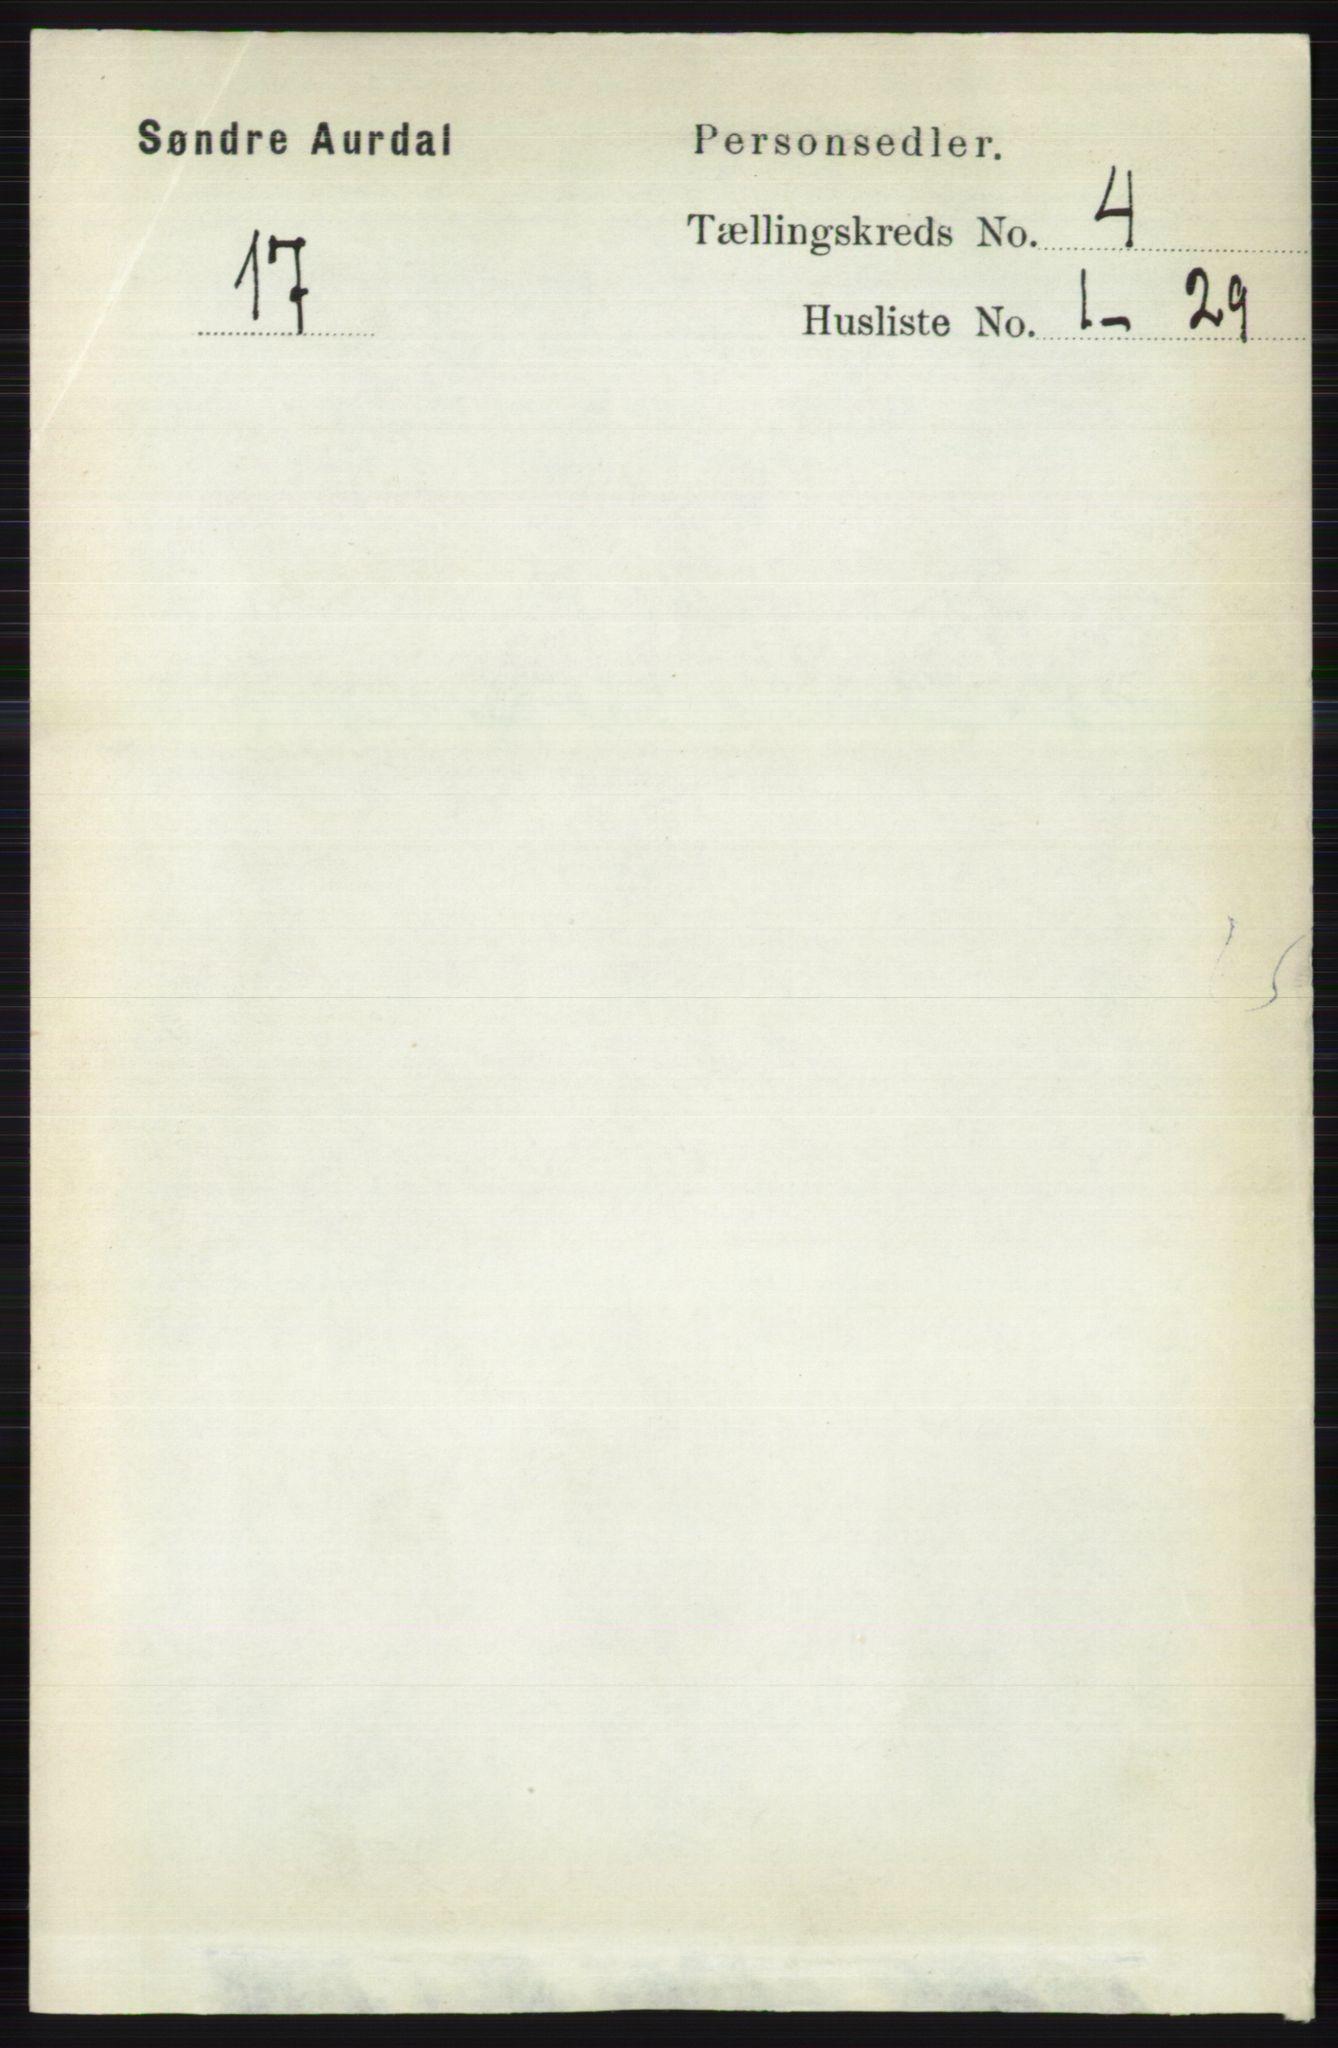 RA, Folketelling 1891 for 0540 Sør-Aurdal herred, 1891, s. 2398